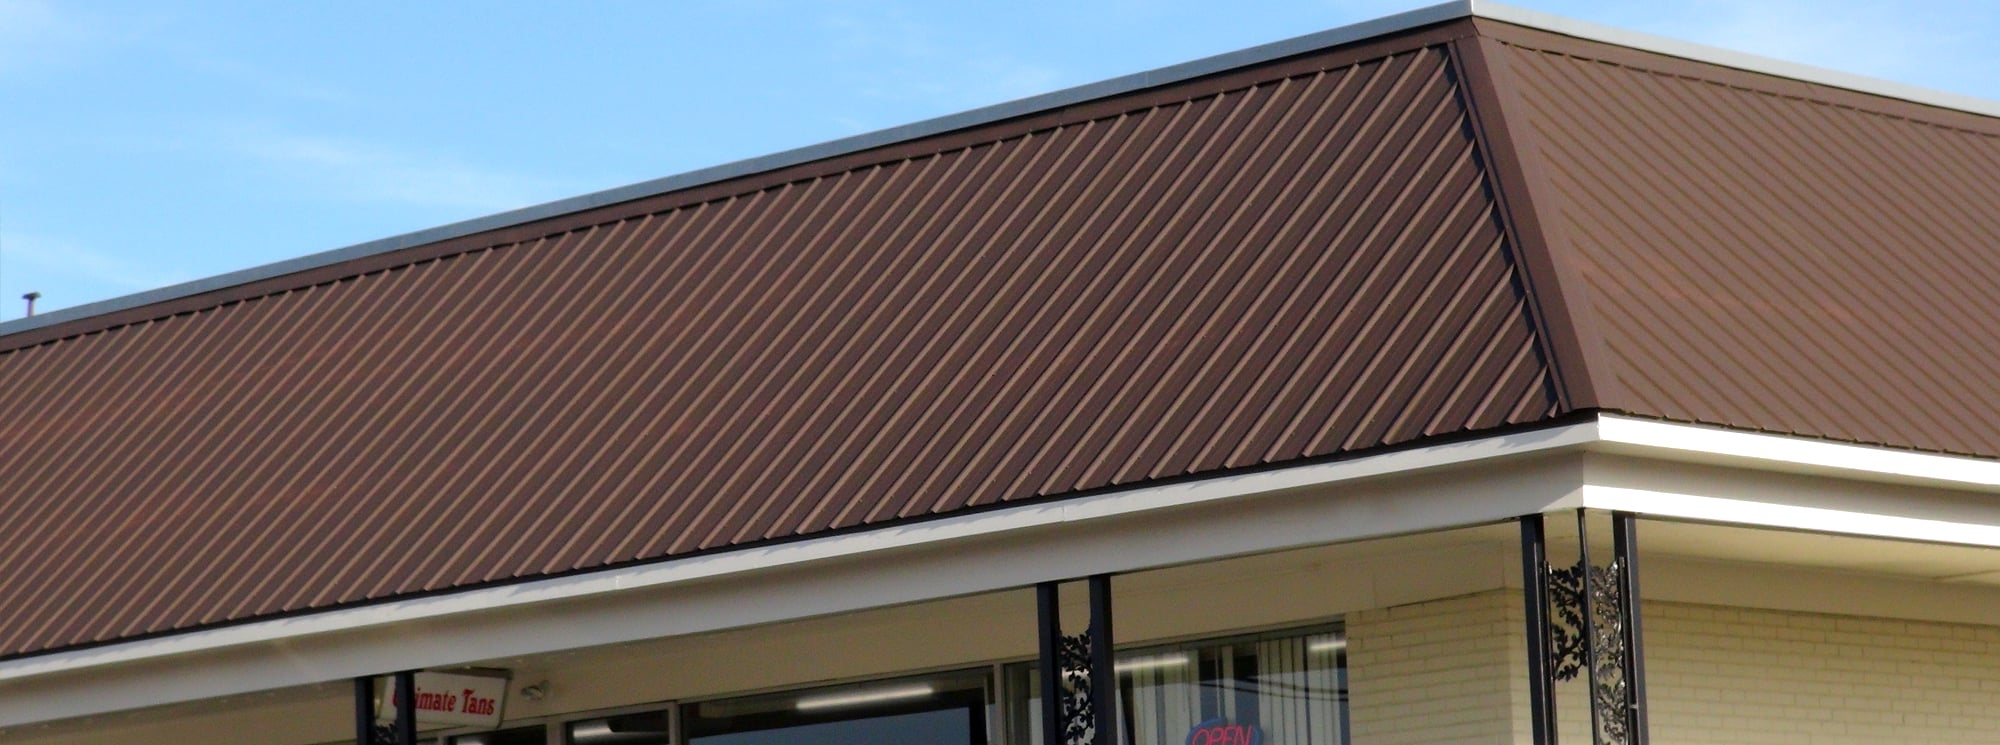 Metal Roofing Manufacturer - Custom Rolled Metal - Mansea Metal